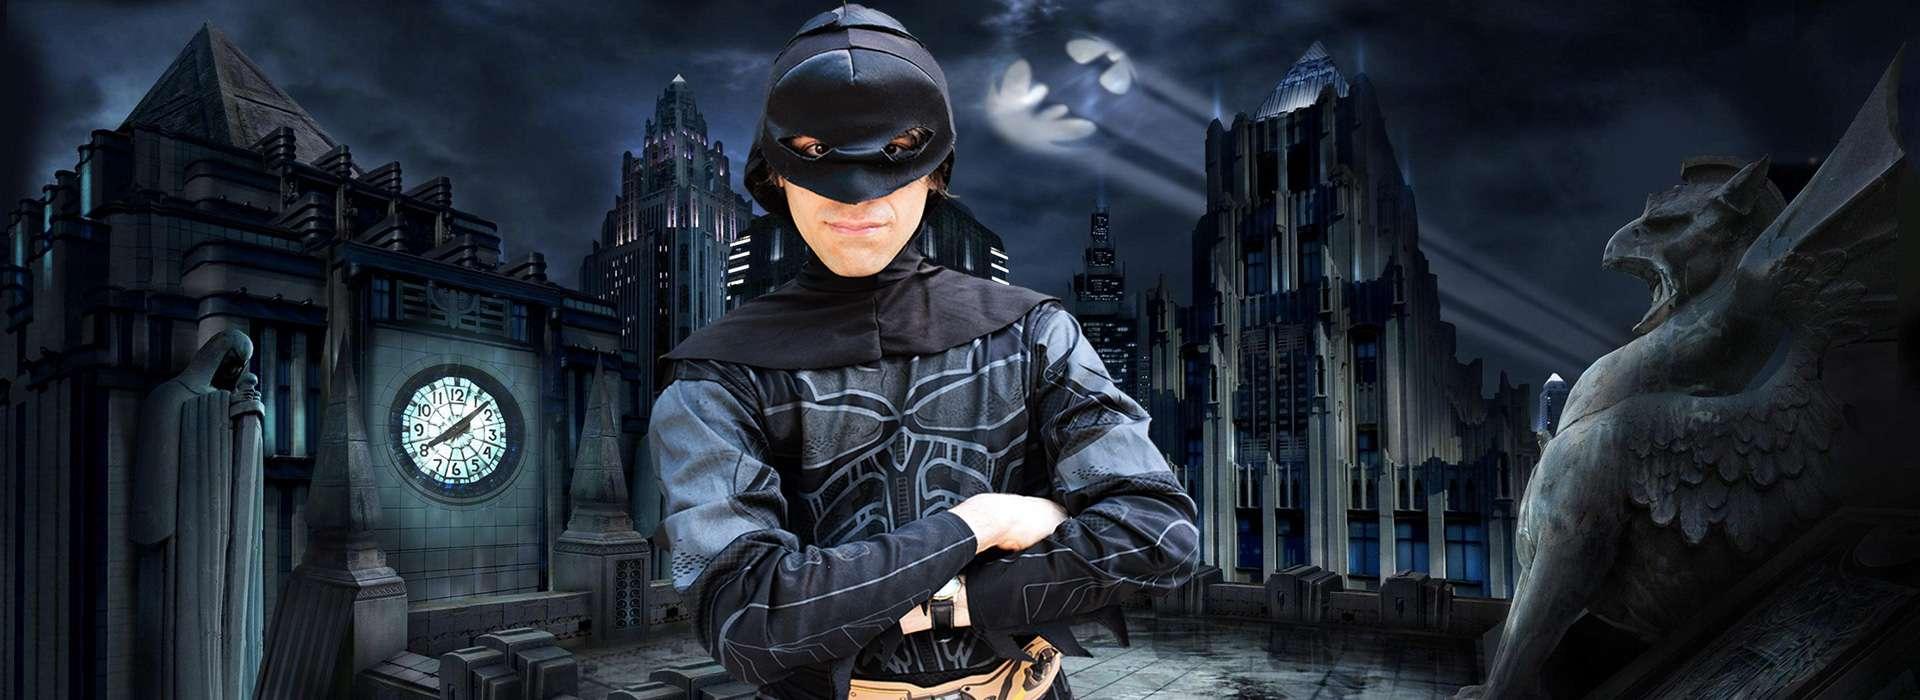 Slider d'images de l'animation Batman